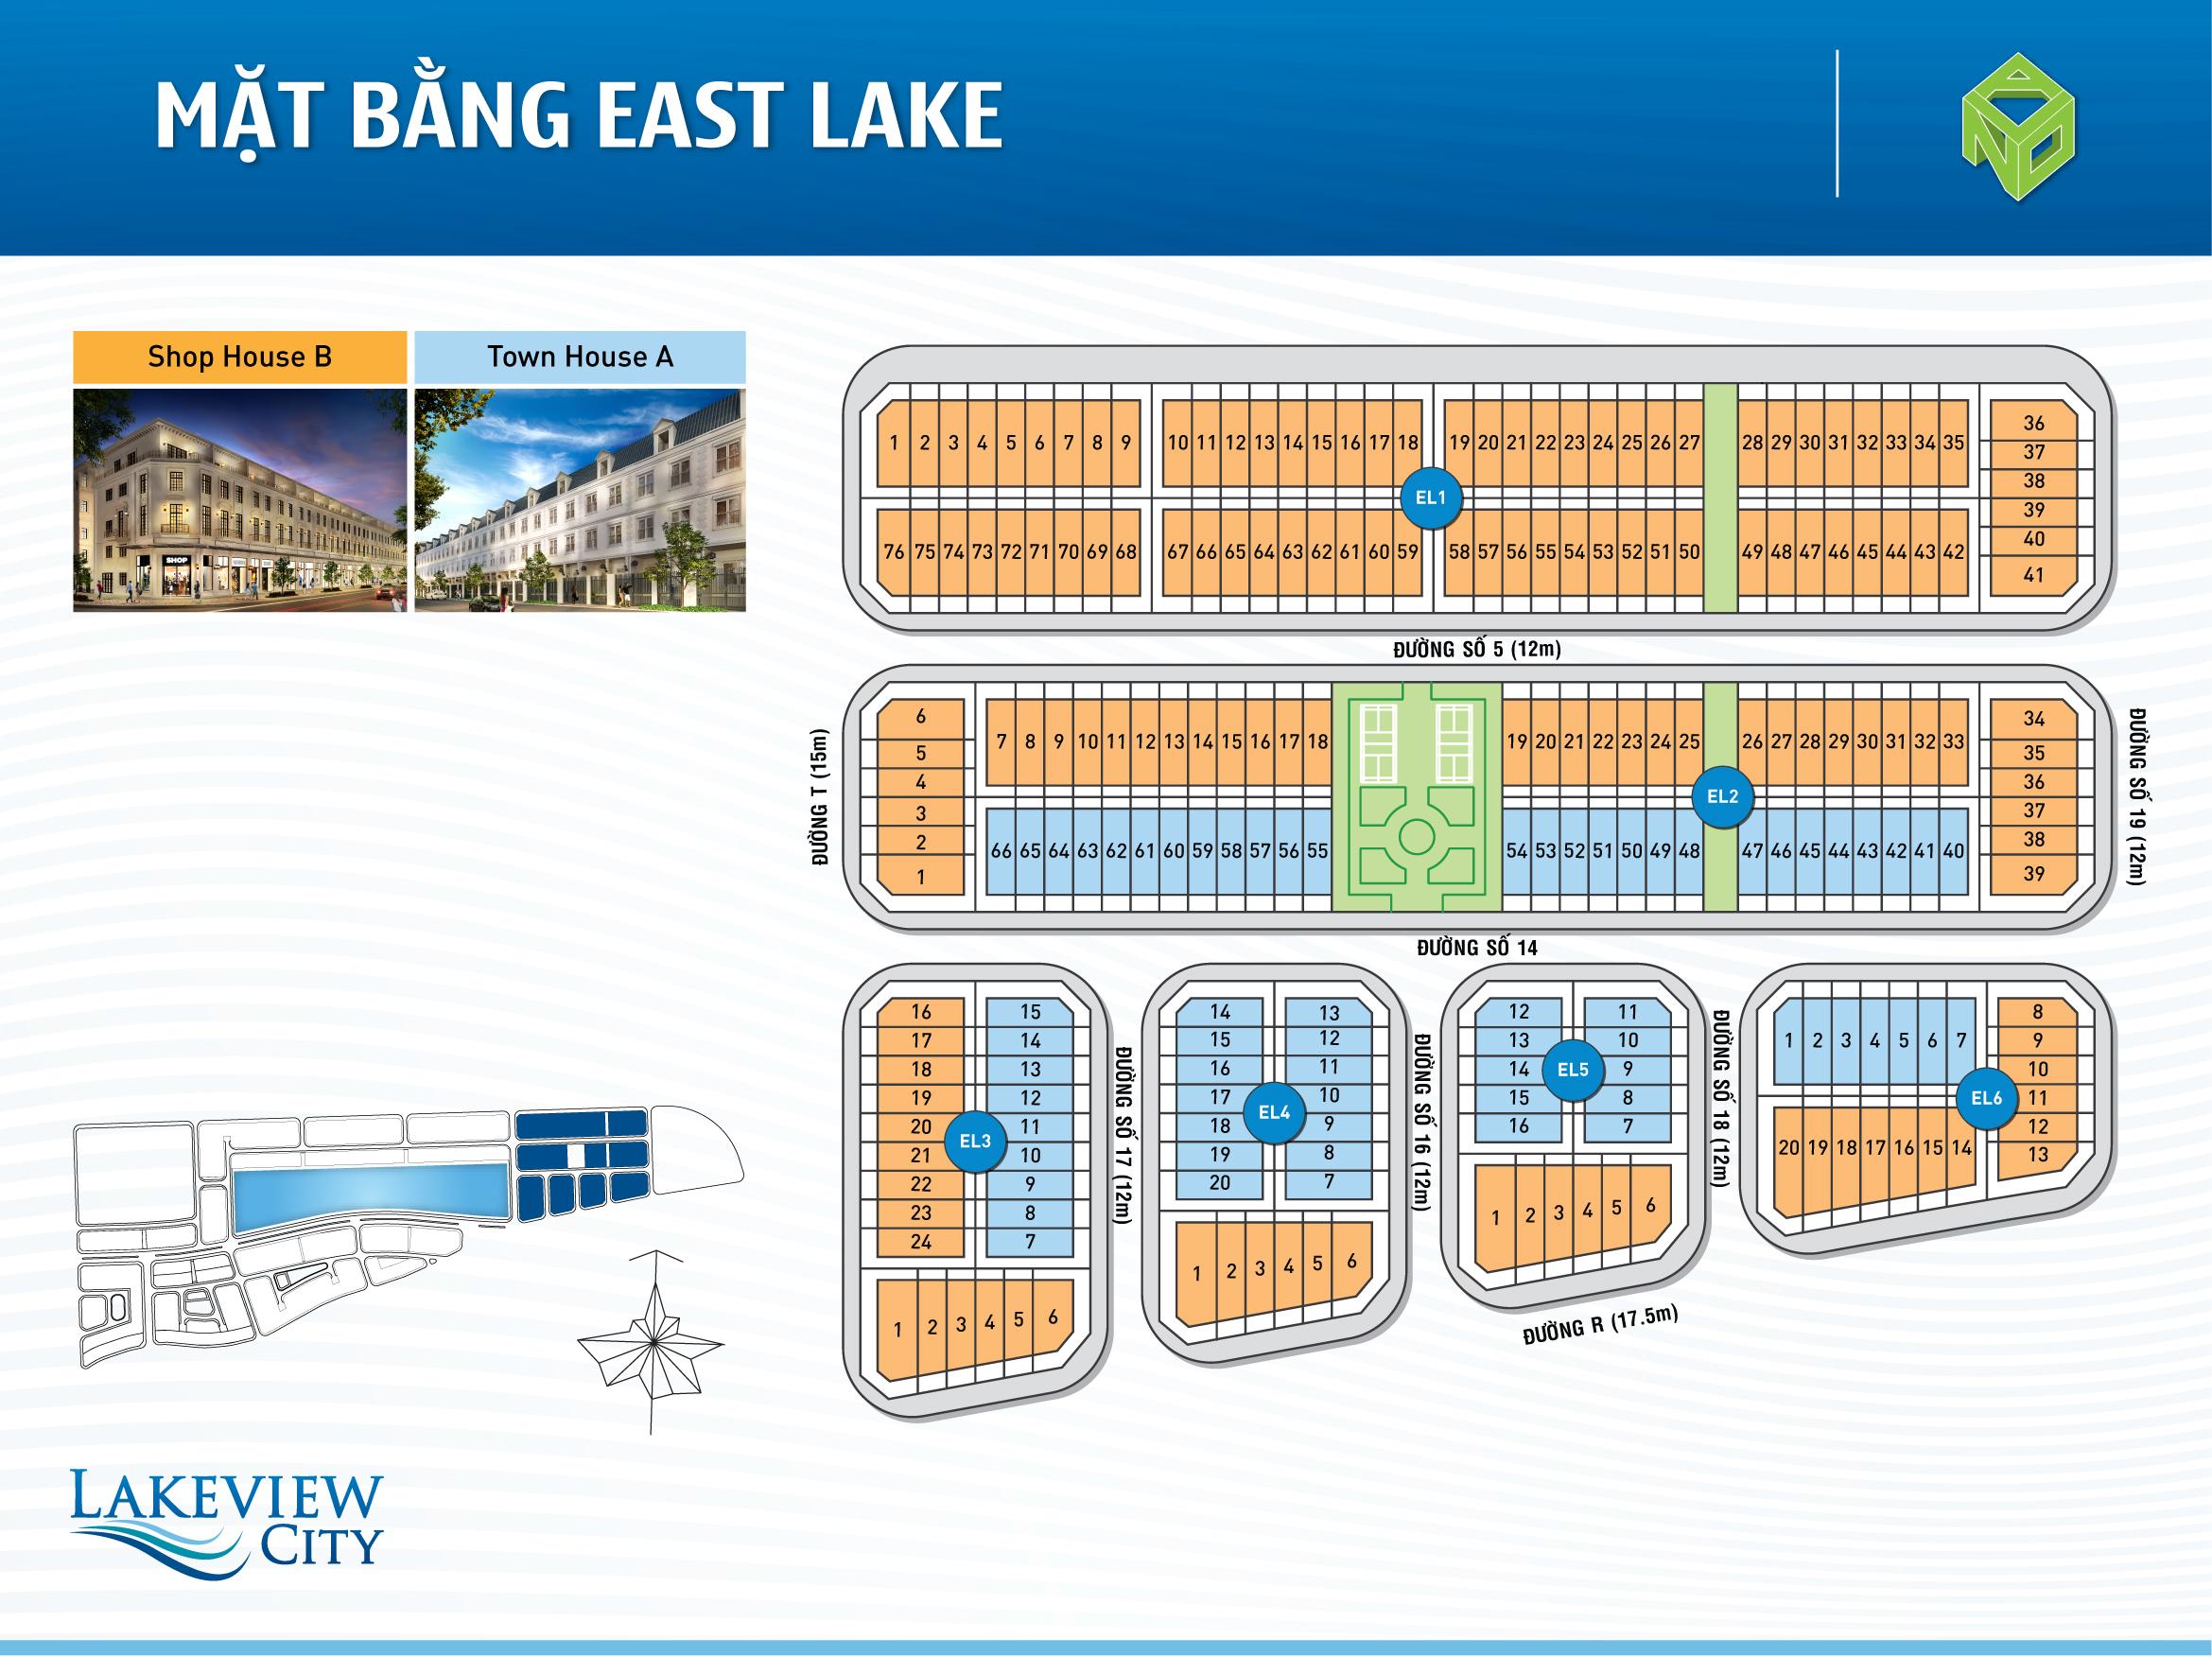 Mặt bằng East Lake dự án Lakeview City